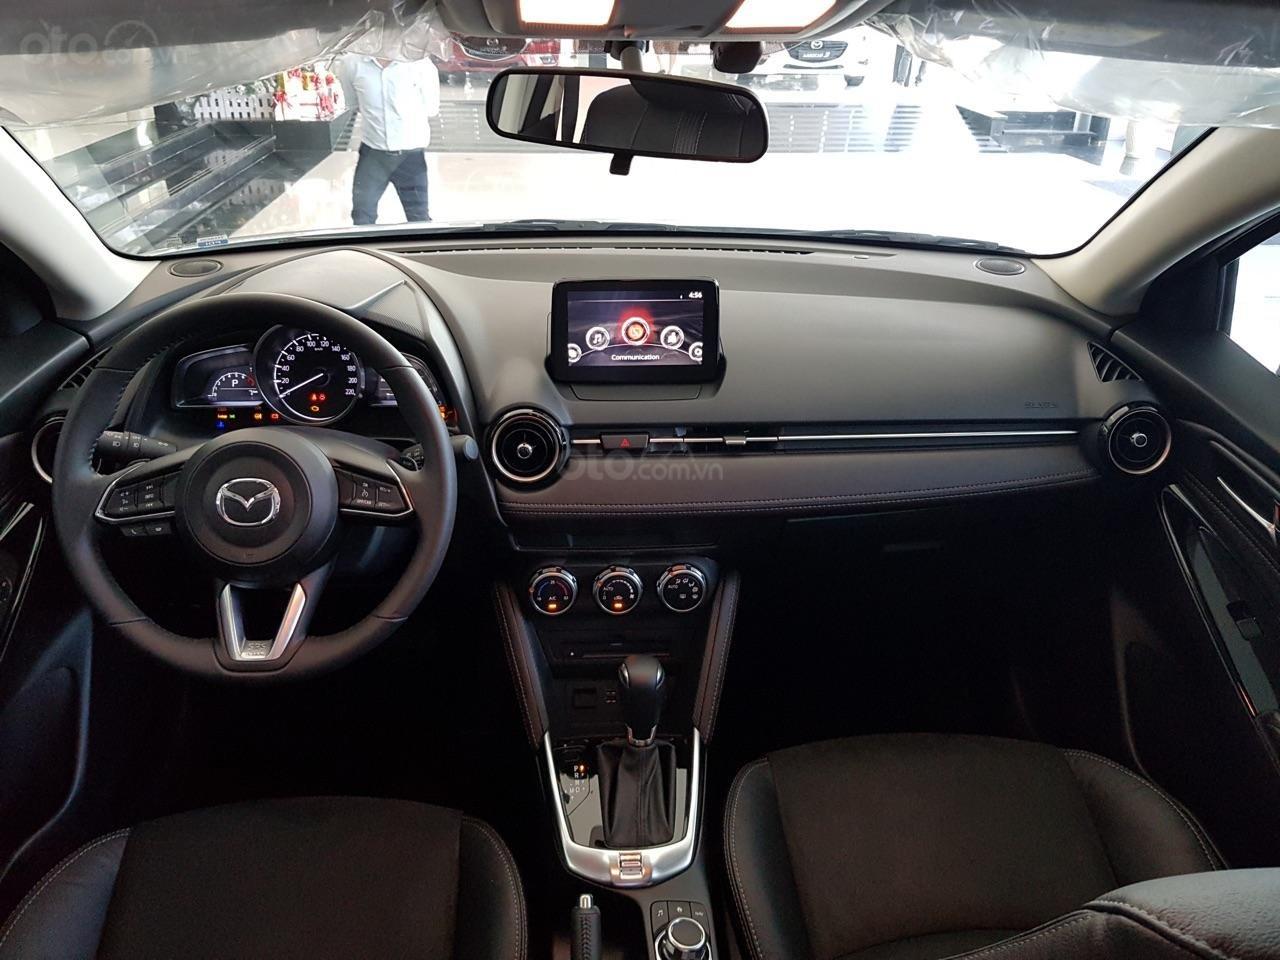 Bán Mazda 2 Premium nhập 2019 – Thanh toán 190tr nhận xe – Hỗ trợ hồ sơ vay-5